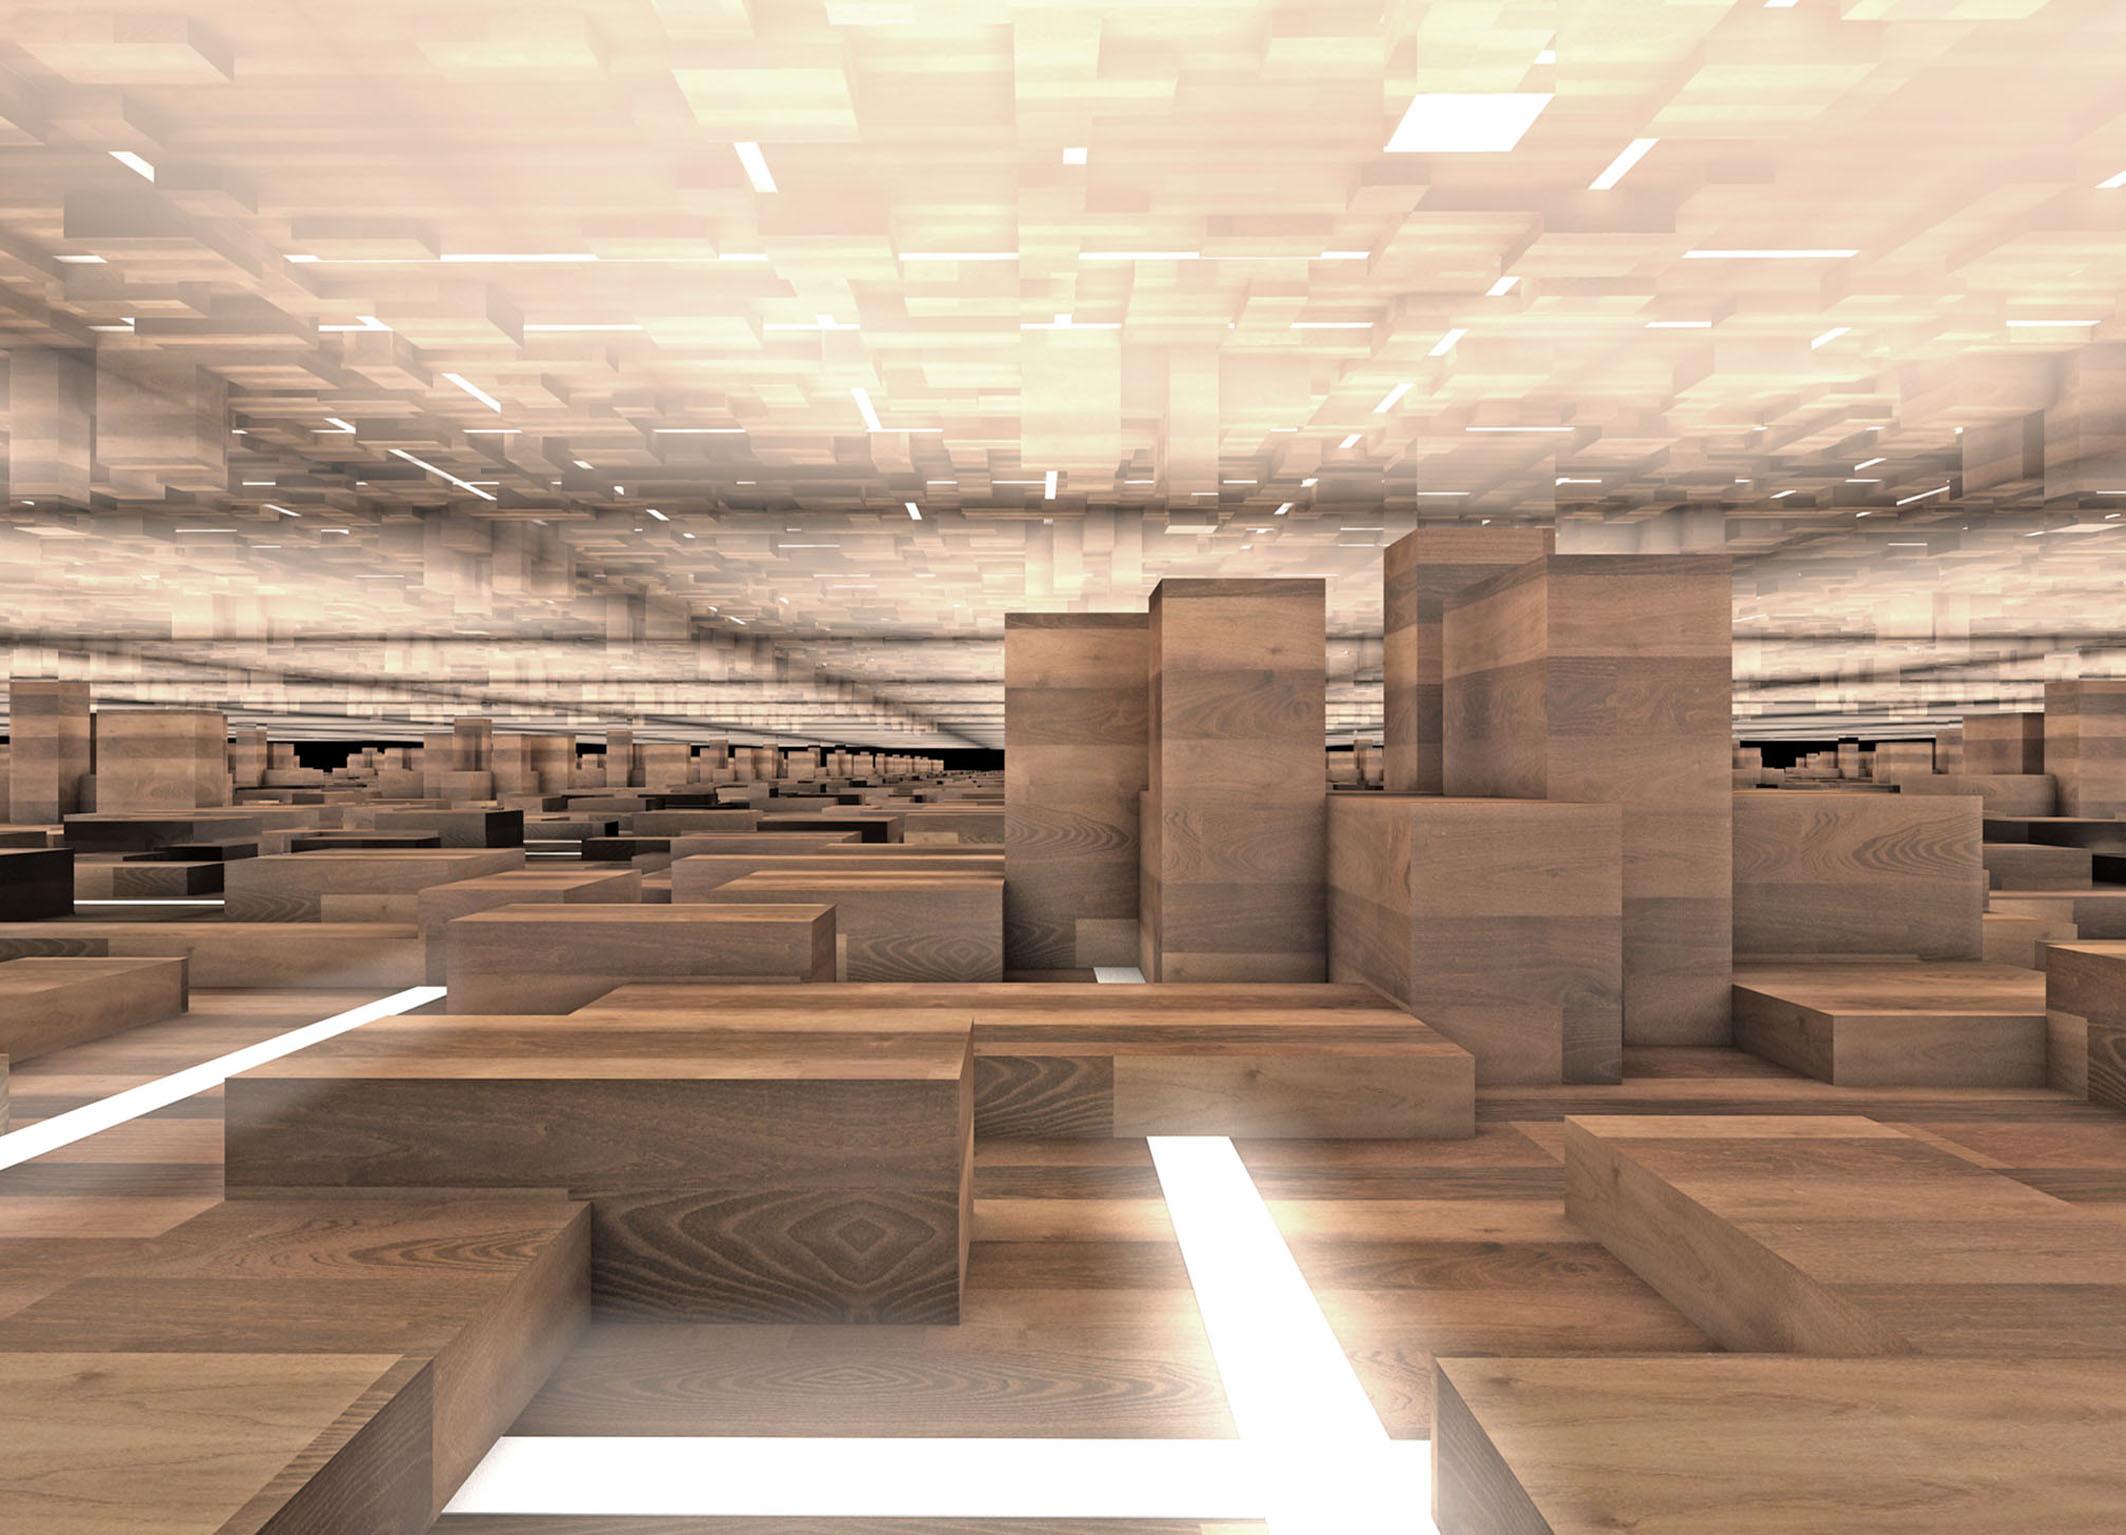 bauwerk architekten und designer erfinden parkett neu. Black Bedroom Furniture Sets. Home Design Ideas